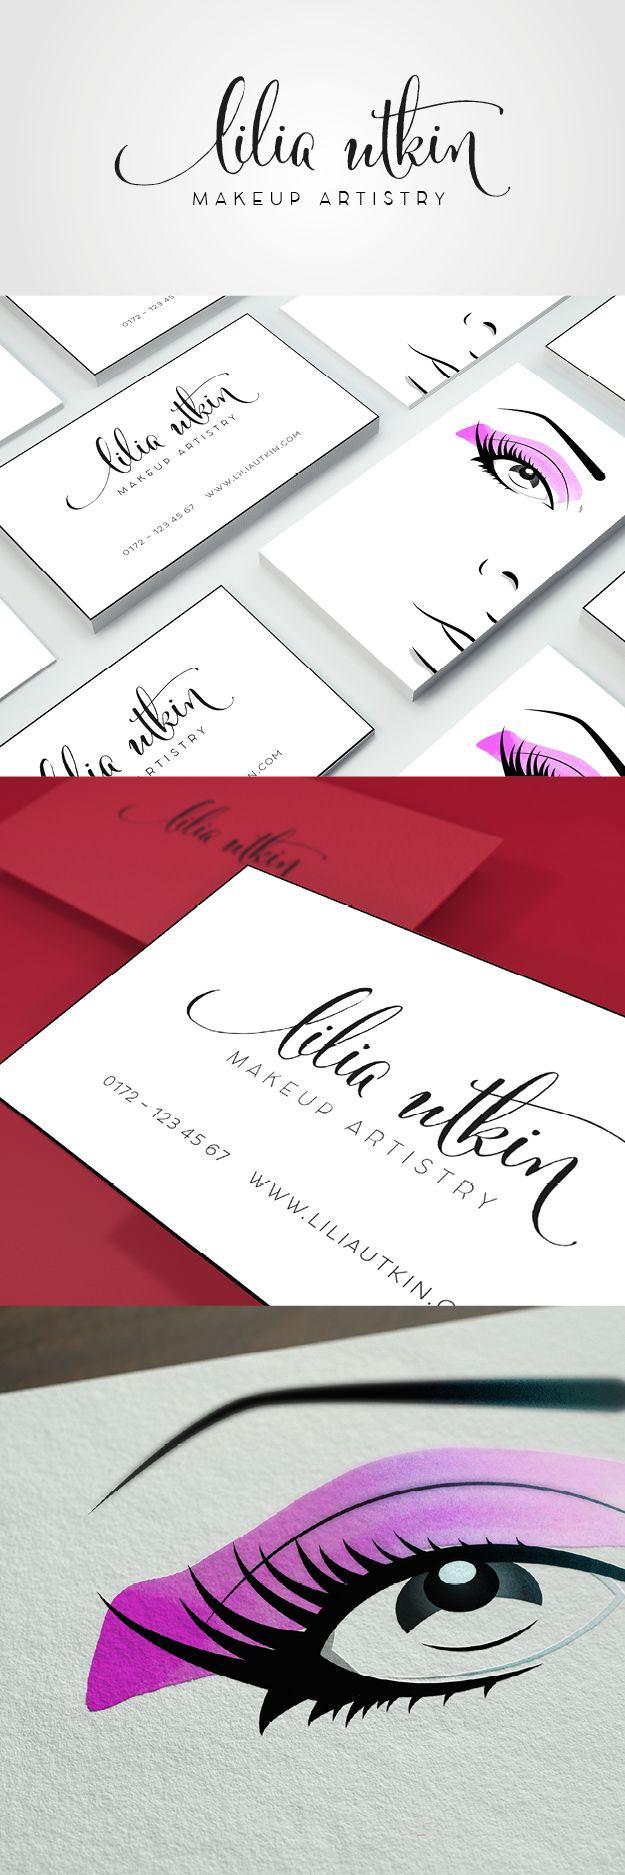 logo and business card makeup artist / styling / beauty Copyright Aileen Burkhardt / punze typografie